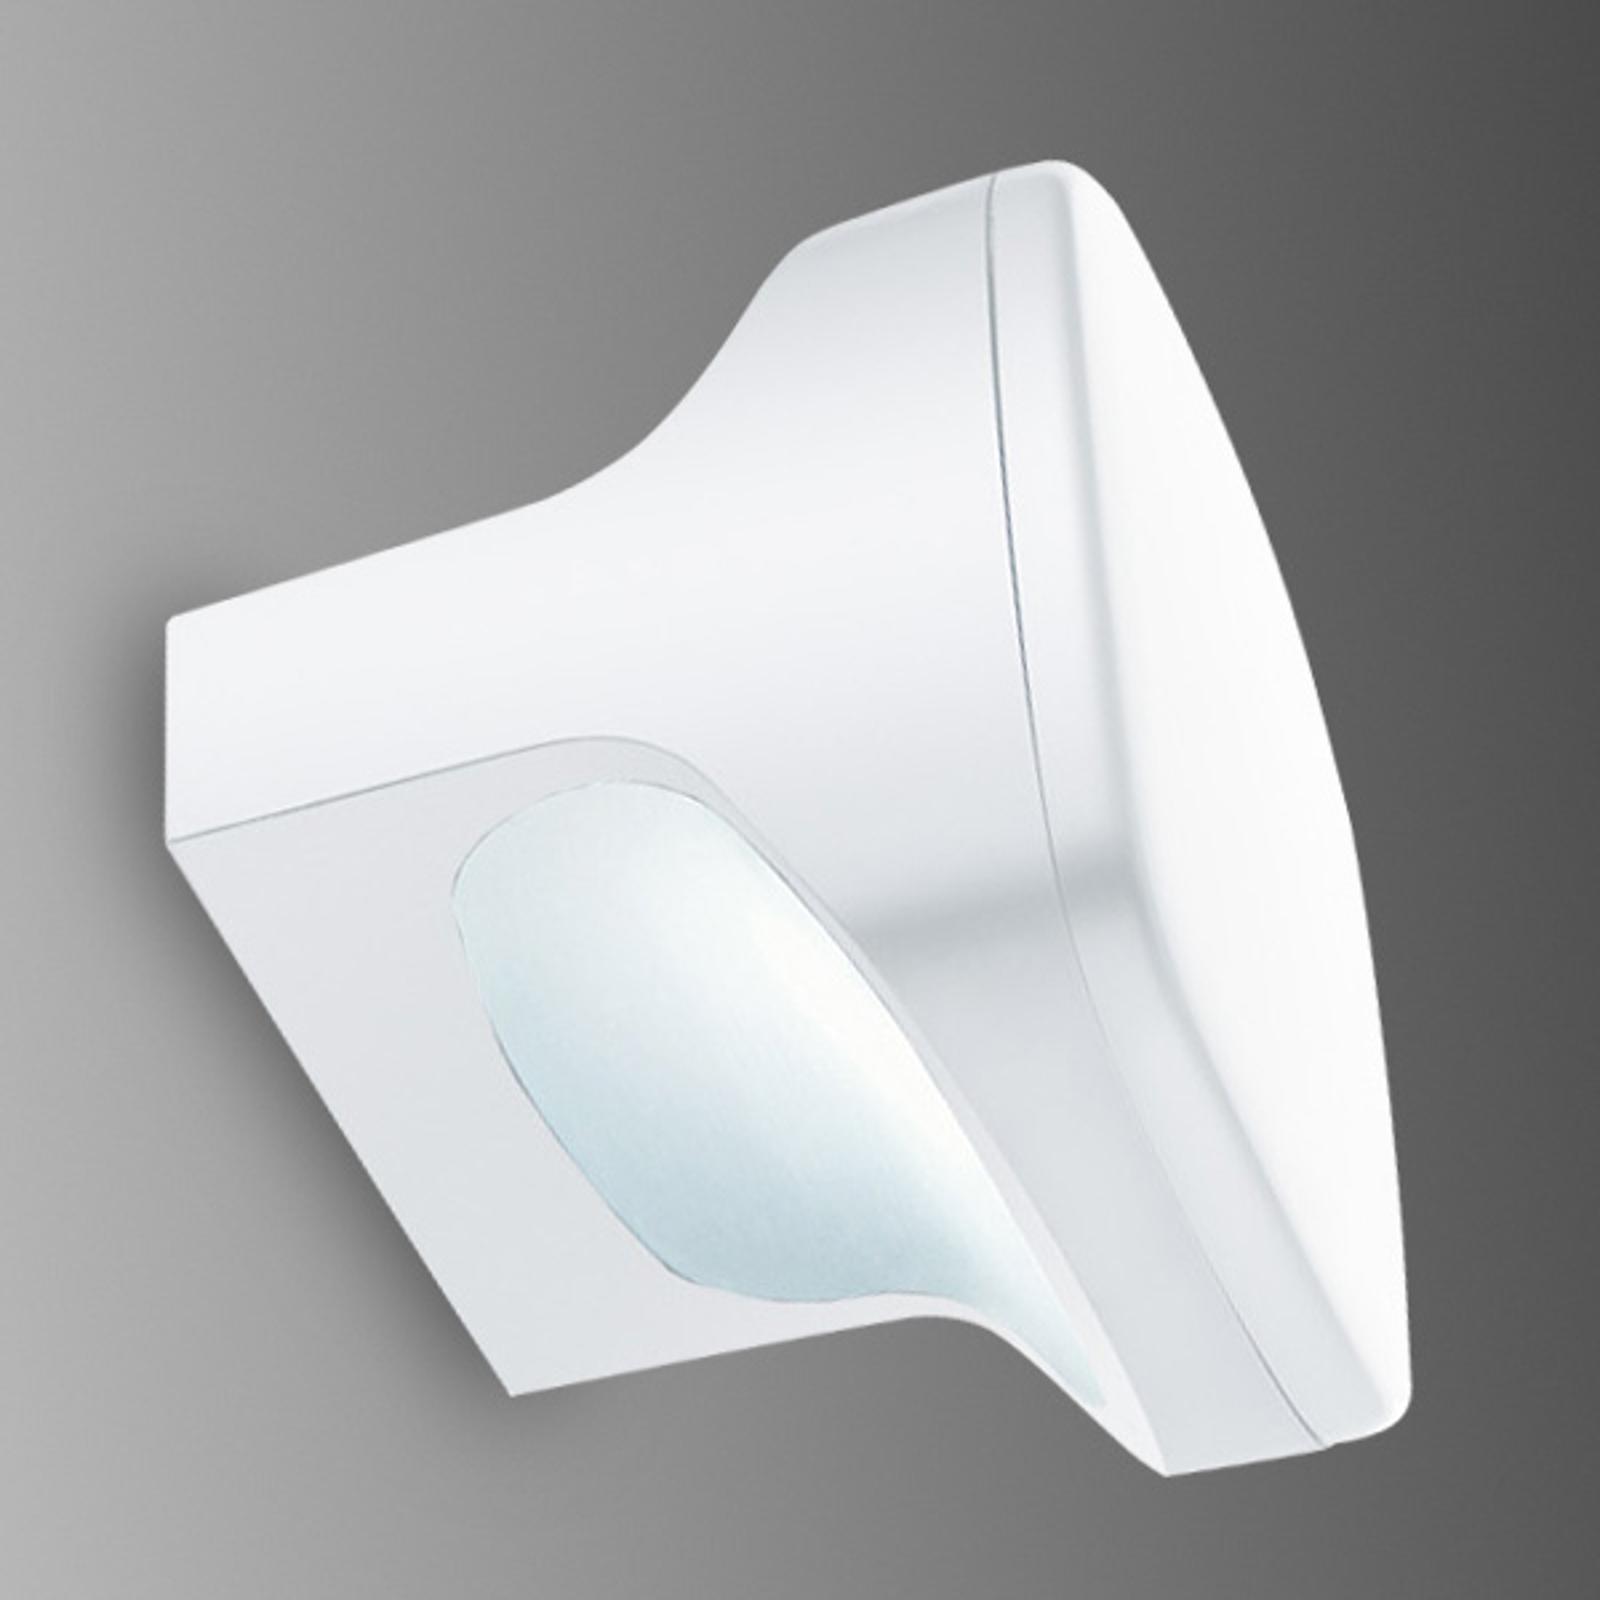 Ultramoderne LED-utevegglampe Sky, hvit